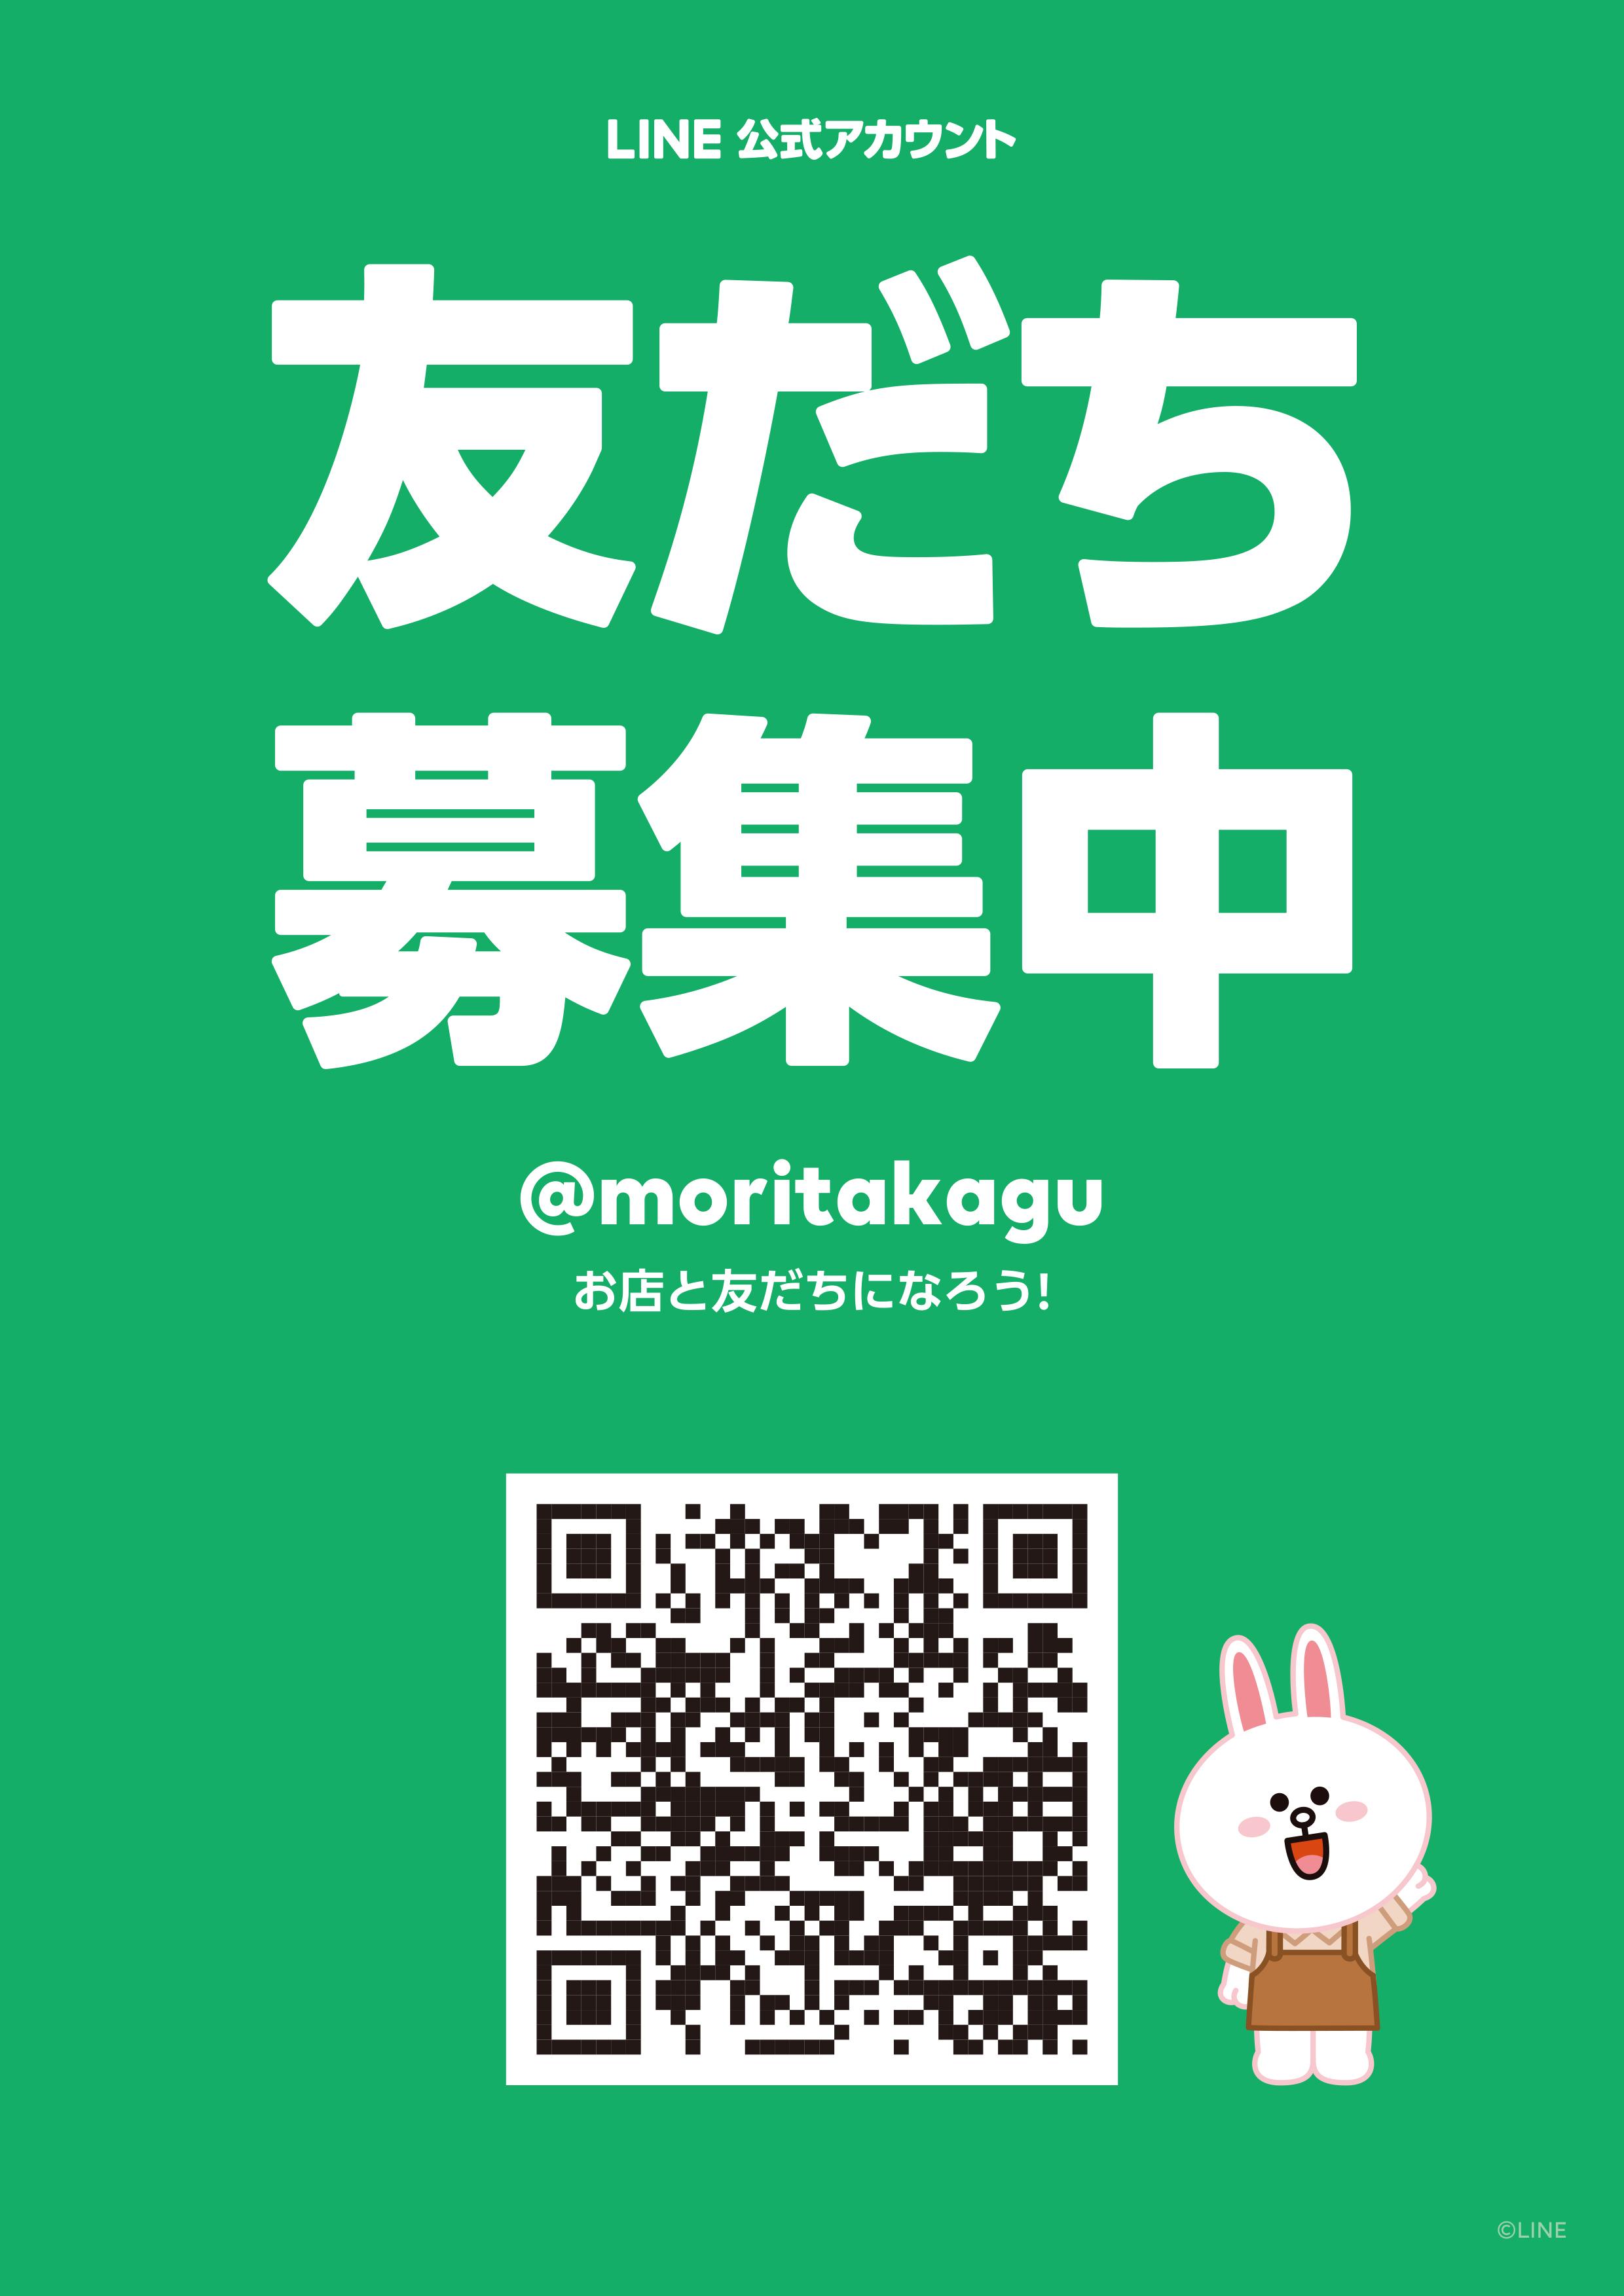 LINE-友達募集ポスター QR